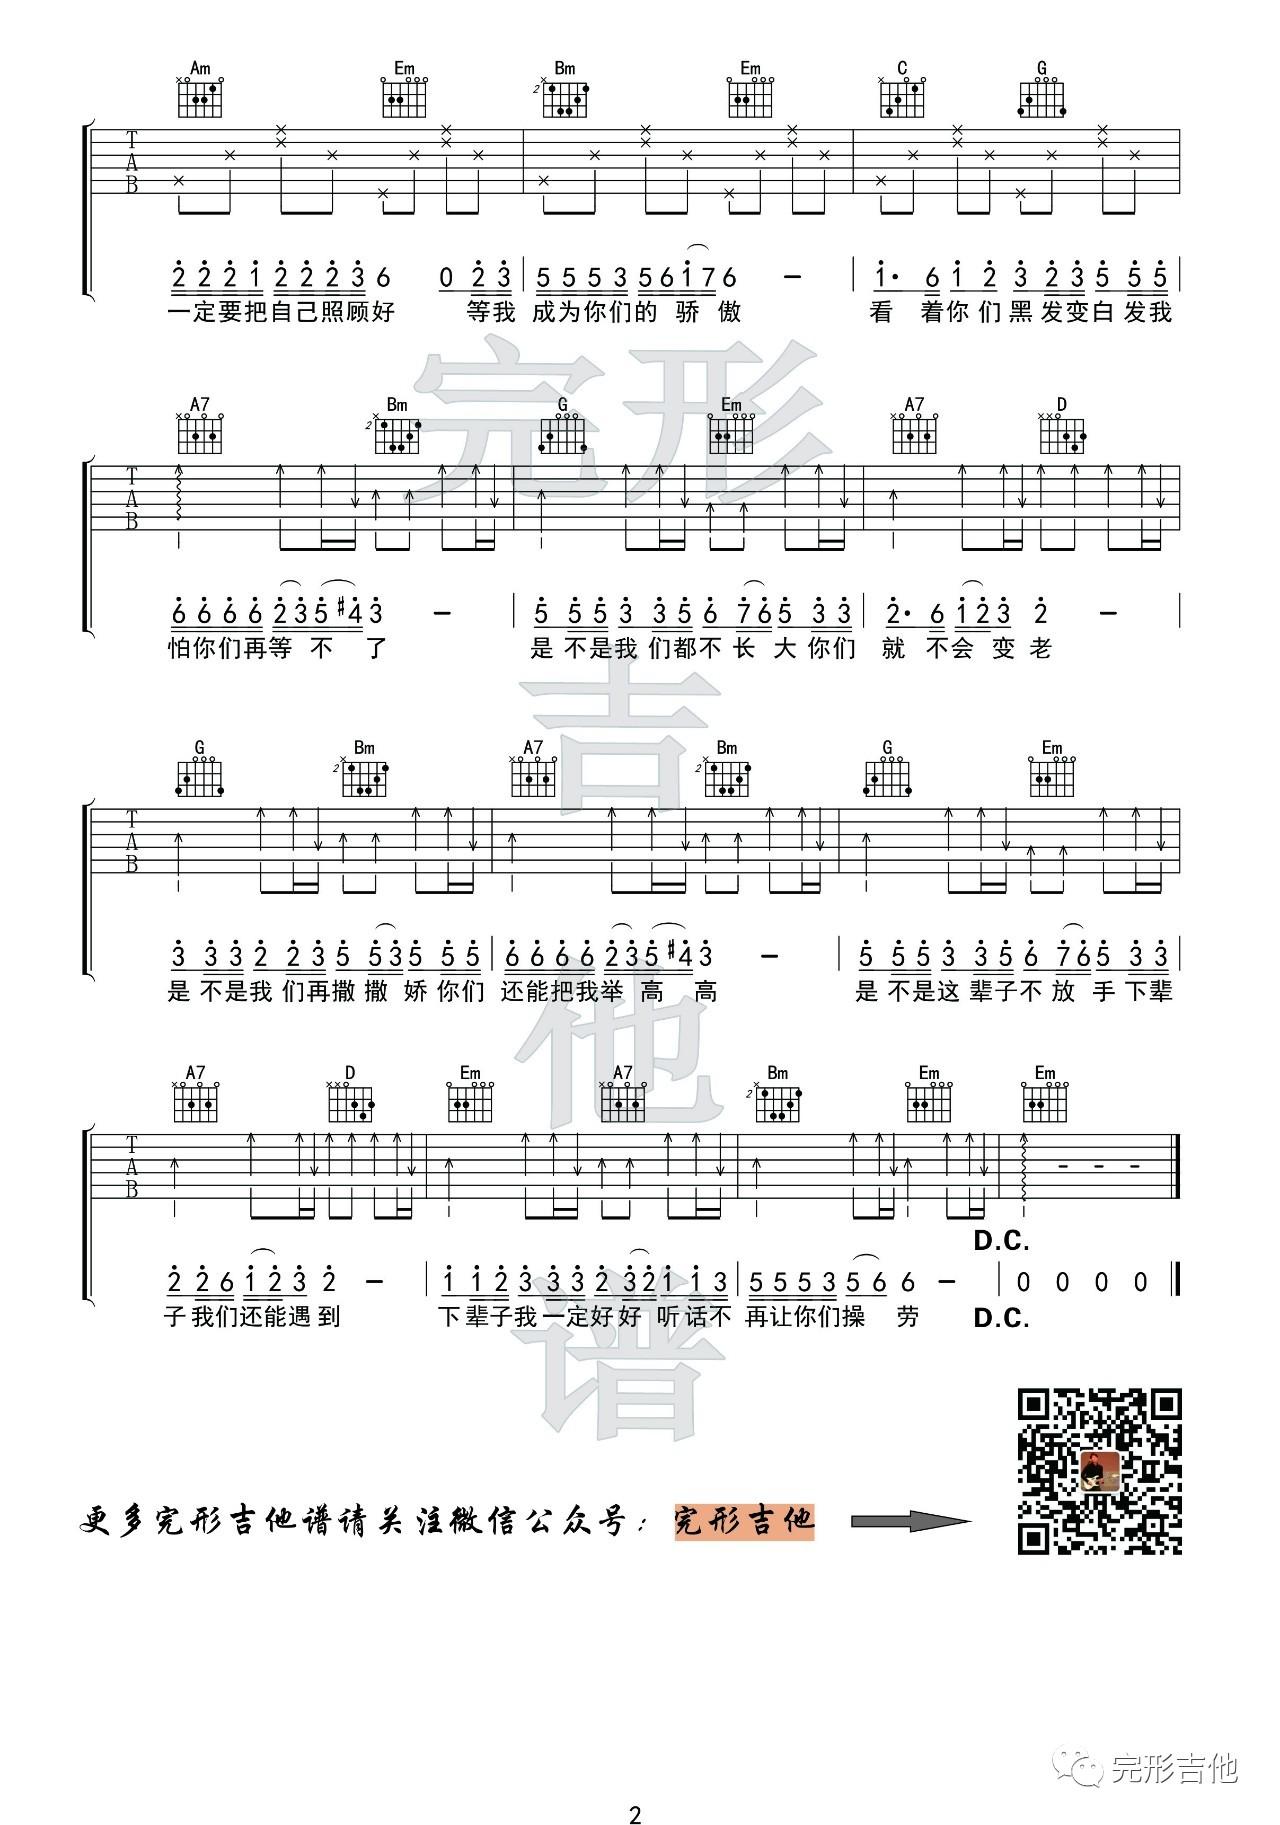 吉他派《万爱千恩》吉他谱-2